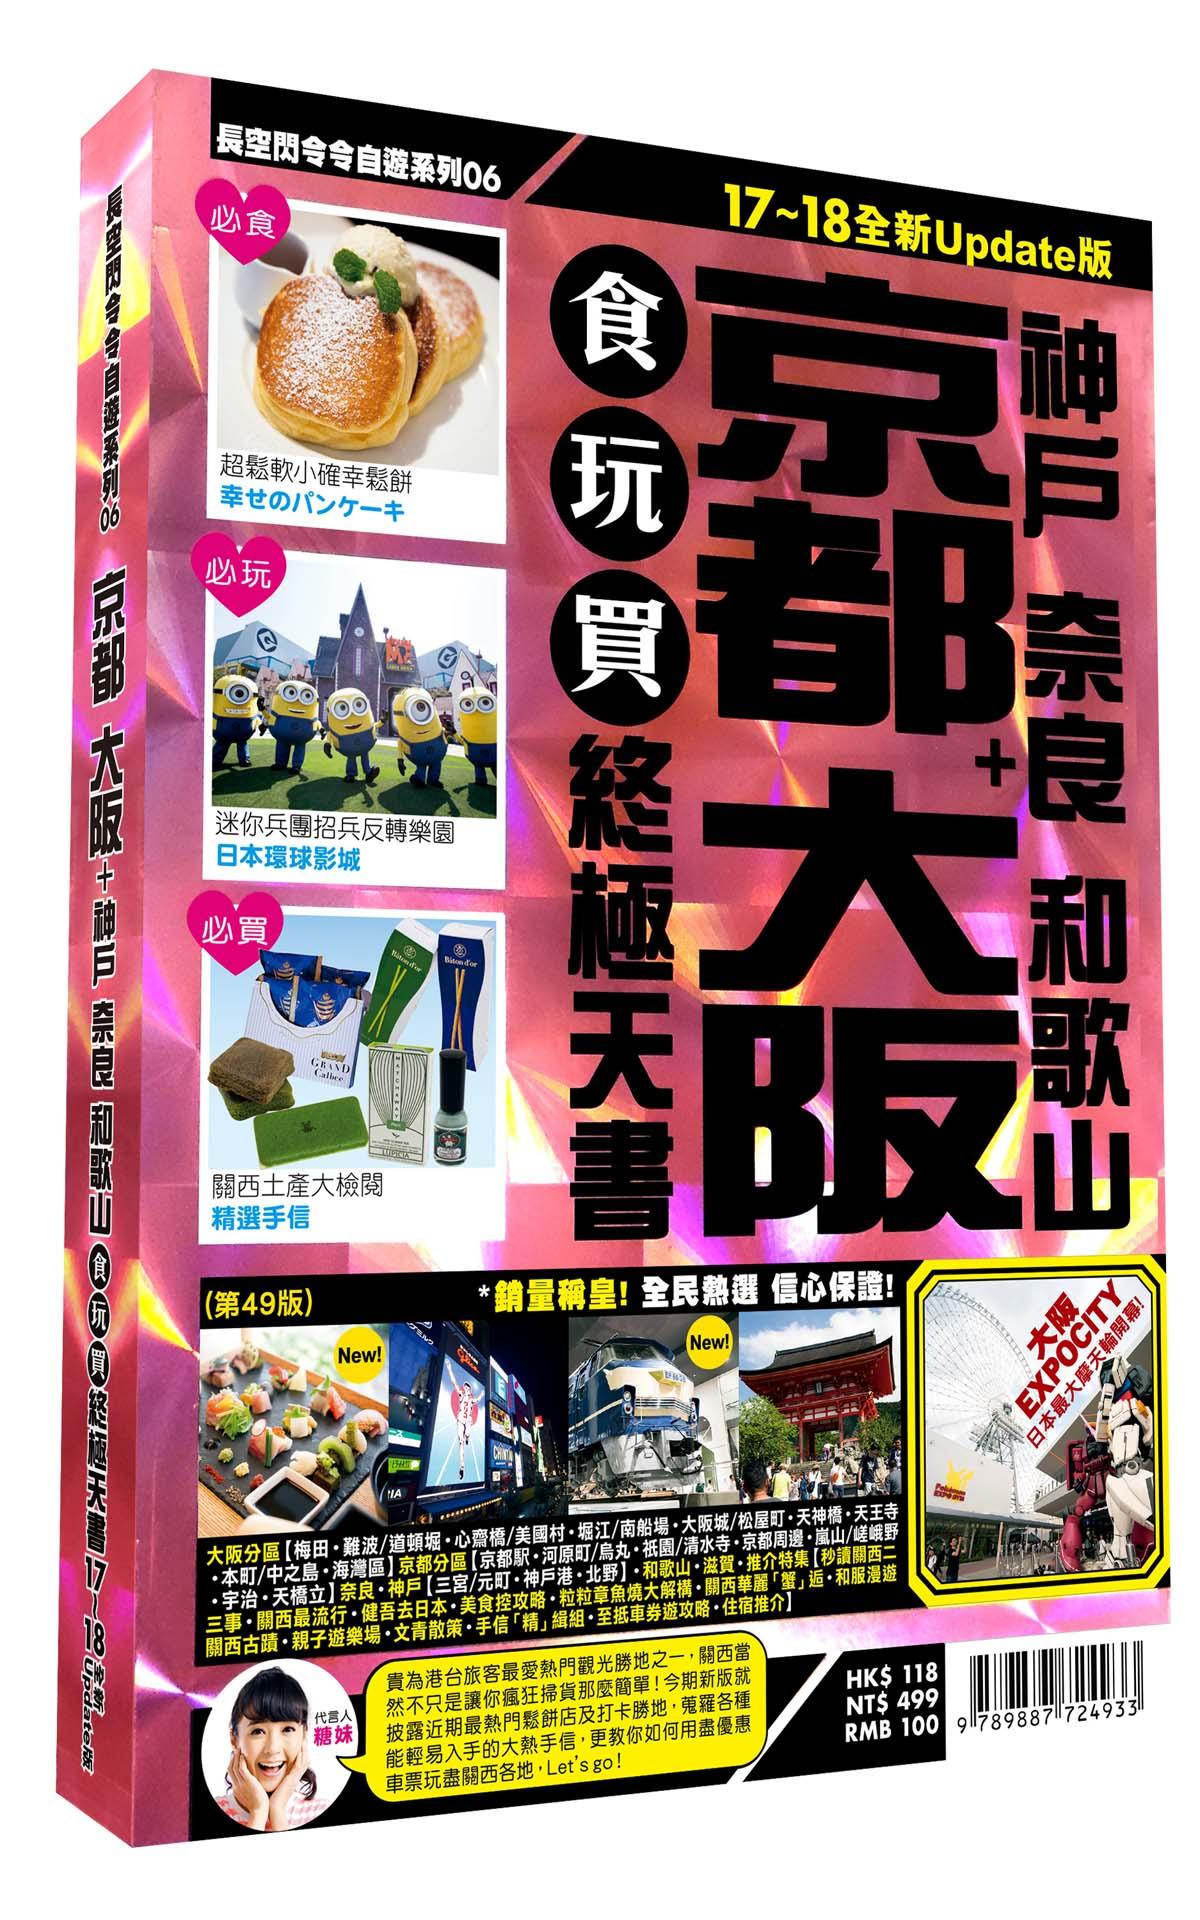 京都大阪食玩買終極天書2017-18版(神戶 奈良 和歌山)